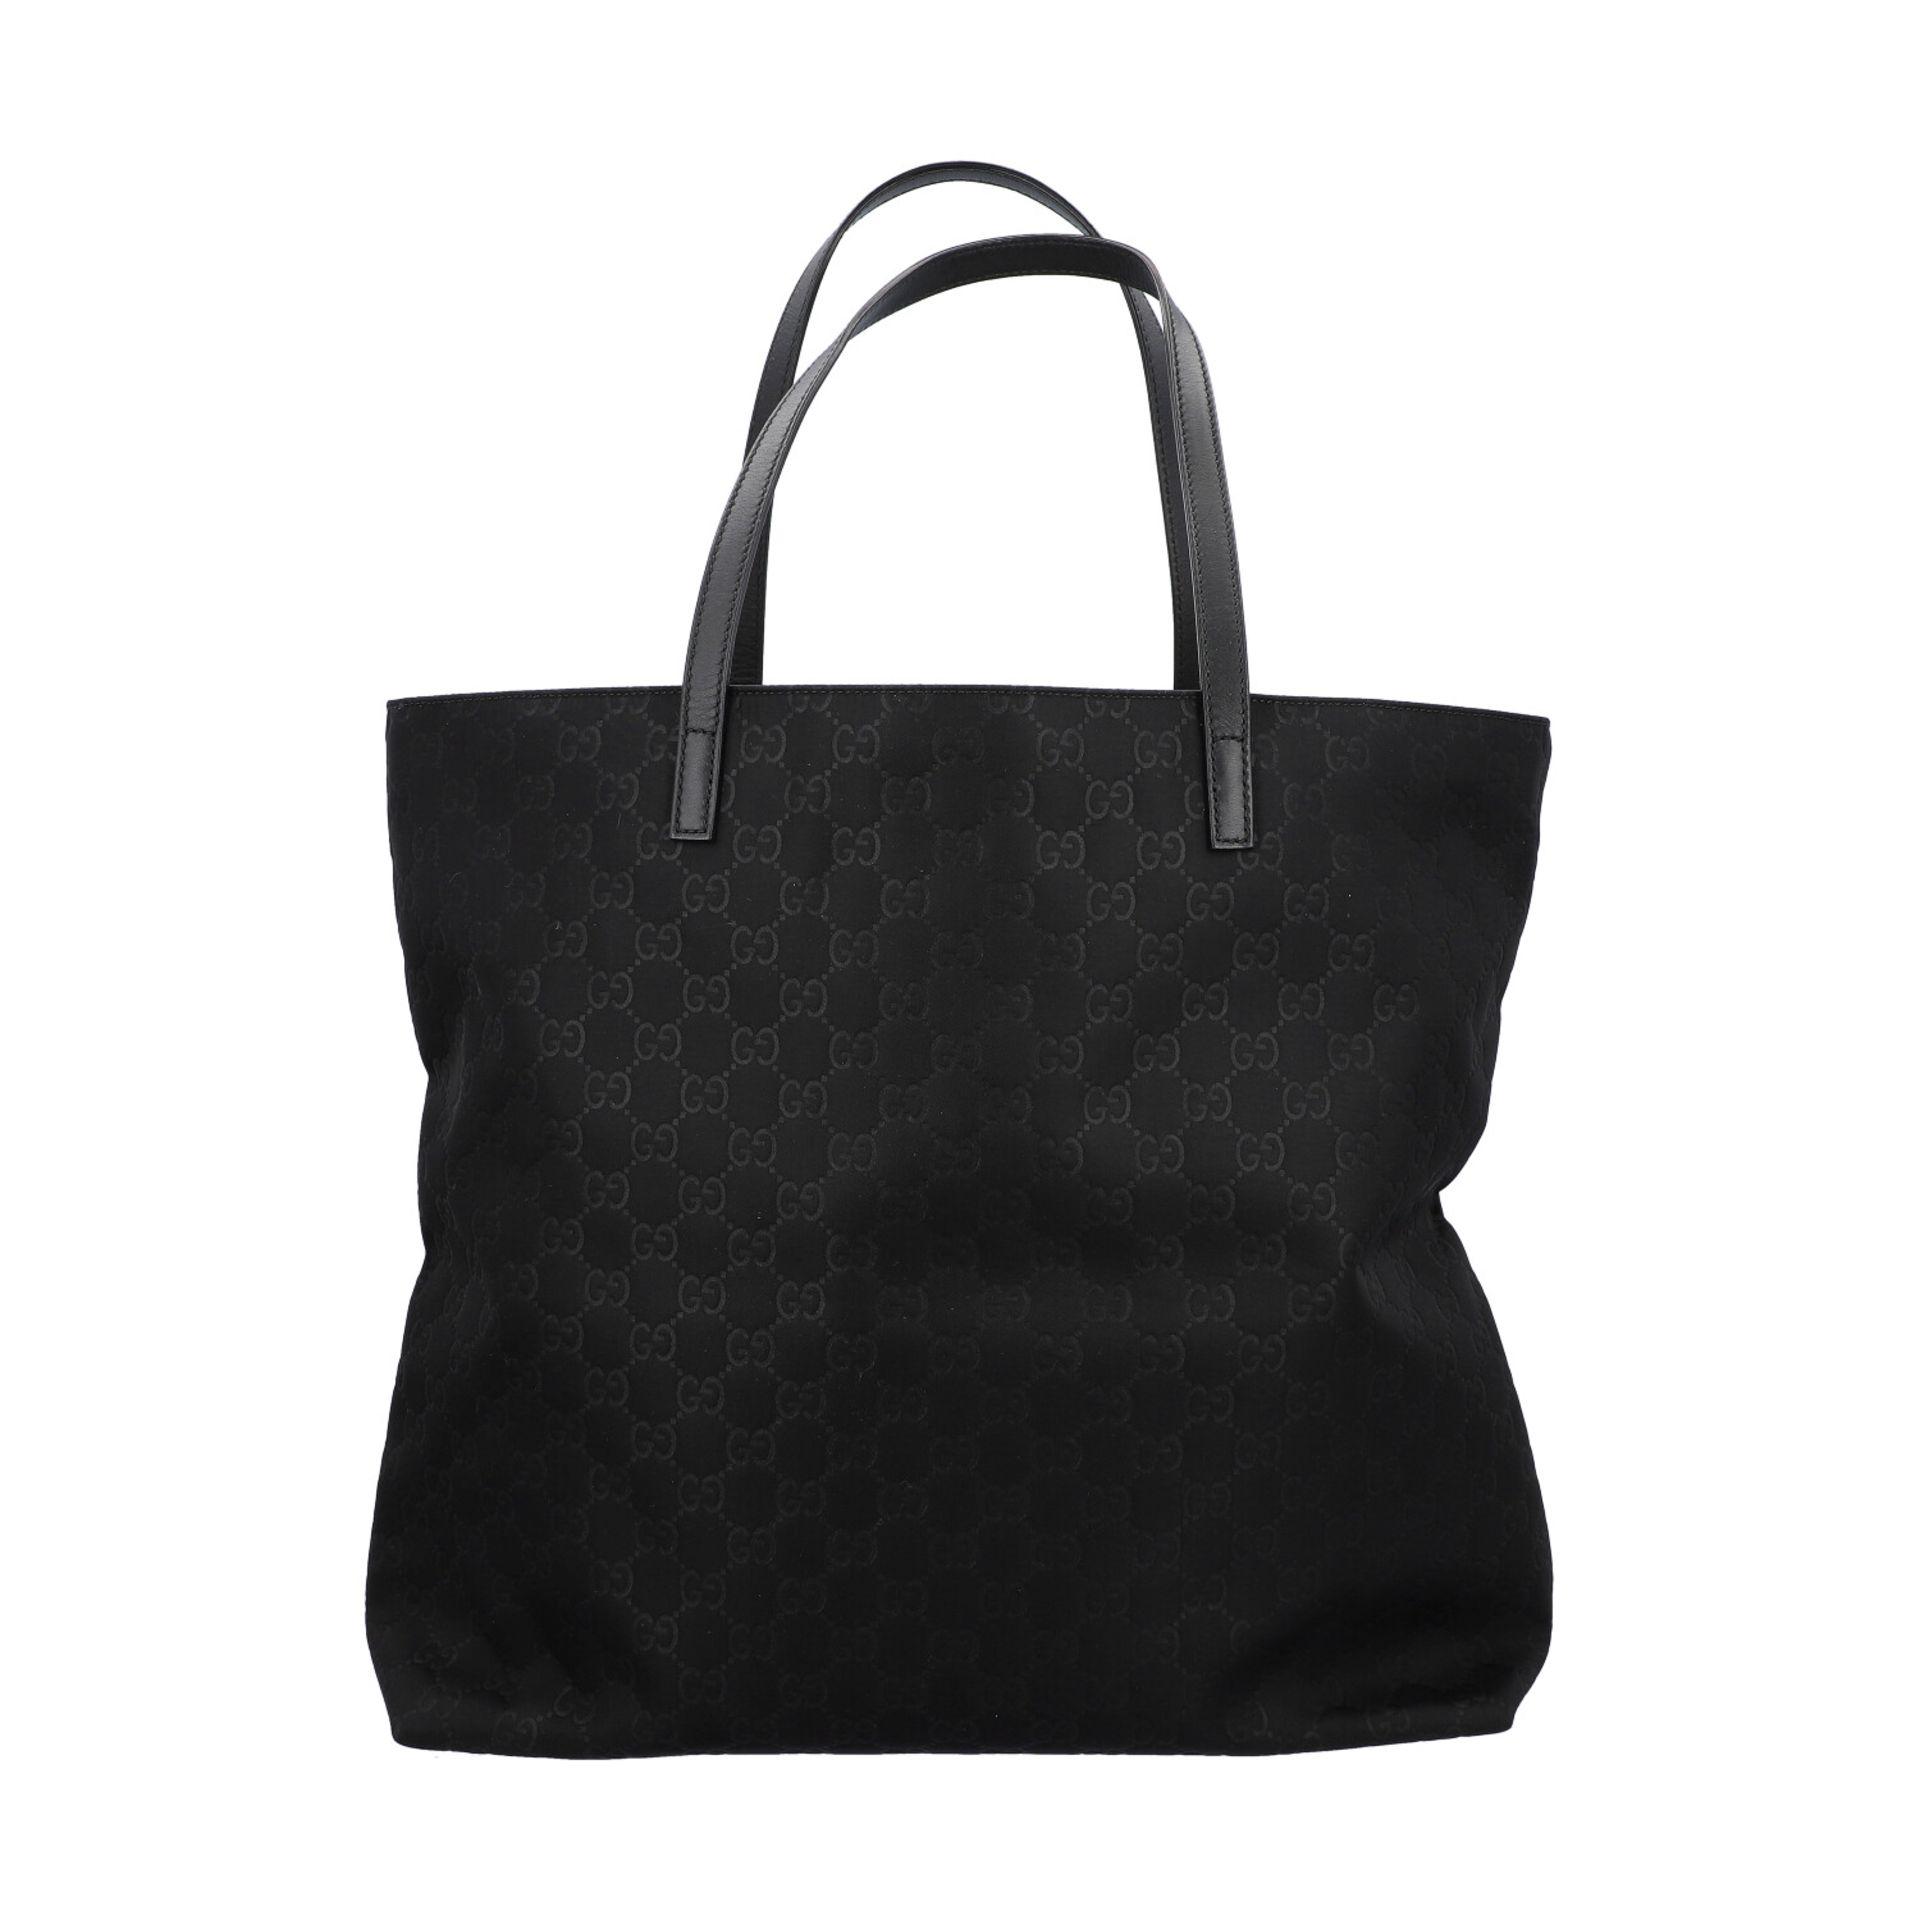 GUCCI Shoppertasche, NP. ca.: 1.000,-€. Textil in Schwarz mit GG-Supreme Muster und - Image 4 of 8